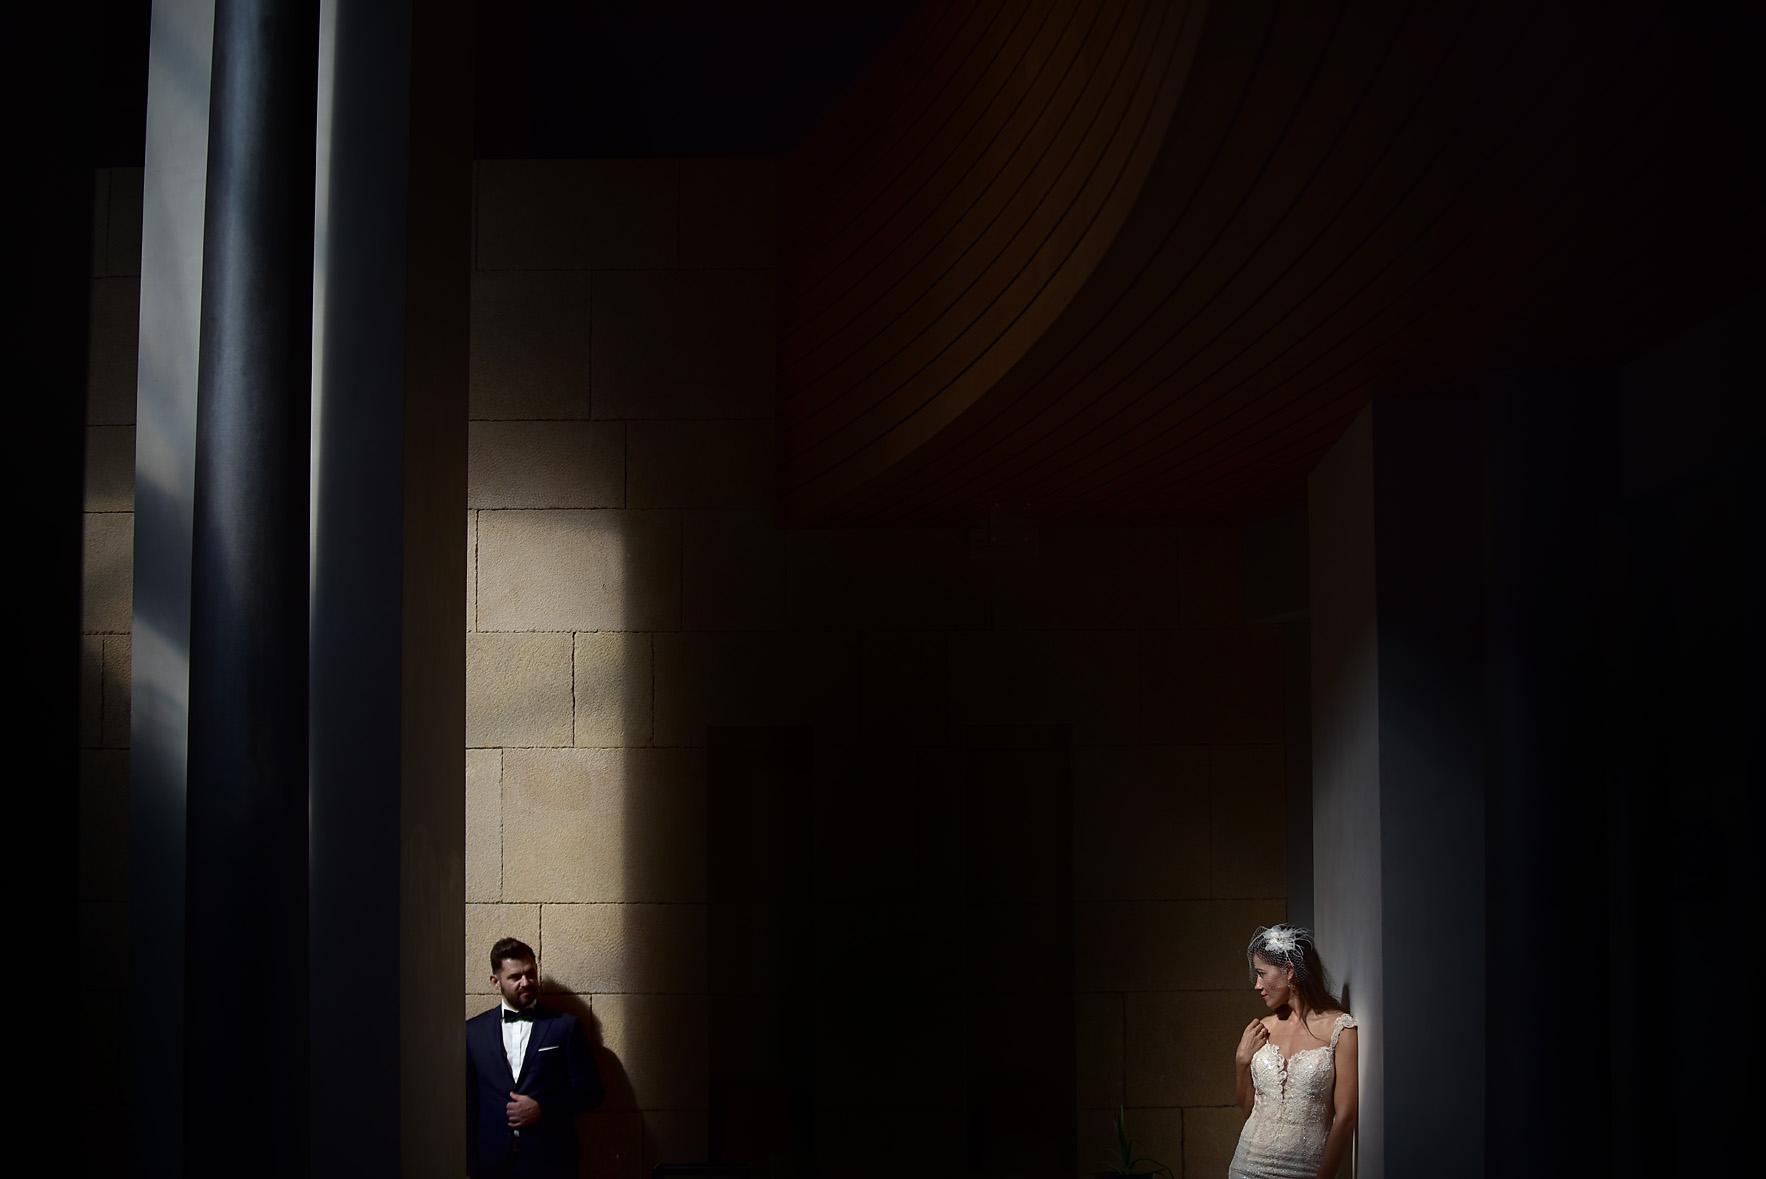 fine-art-photography-wedding-larissa-thessalia-koumaditis-03